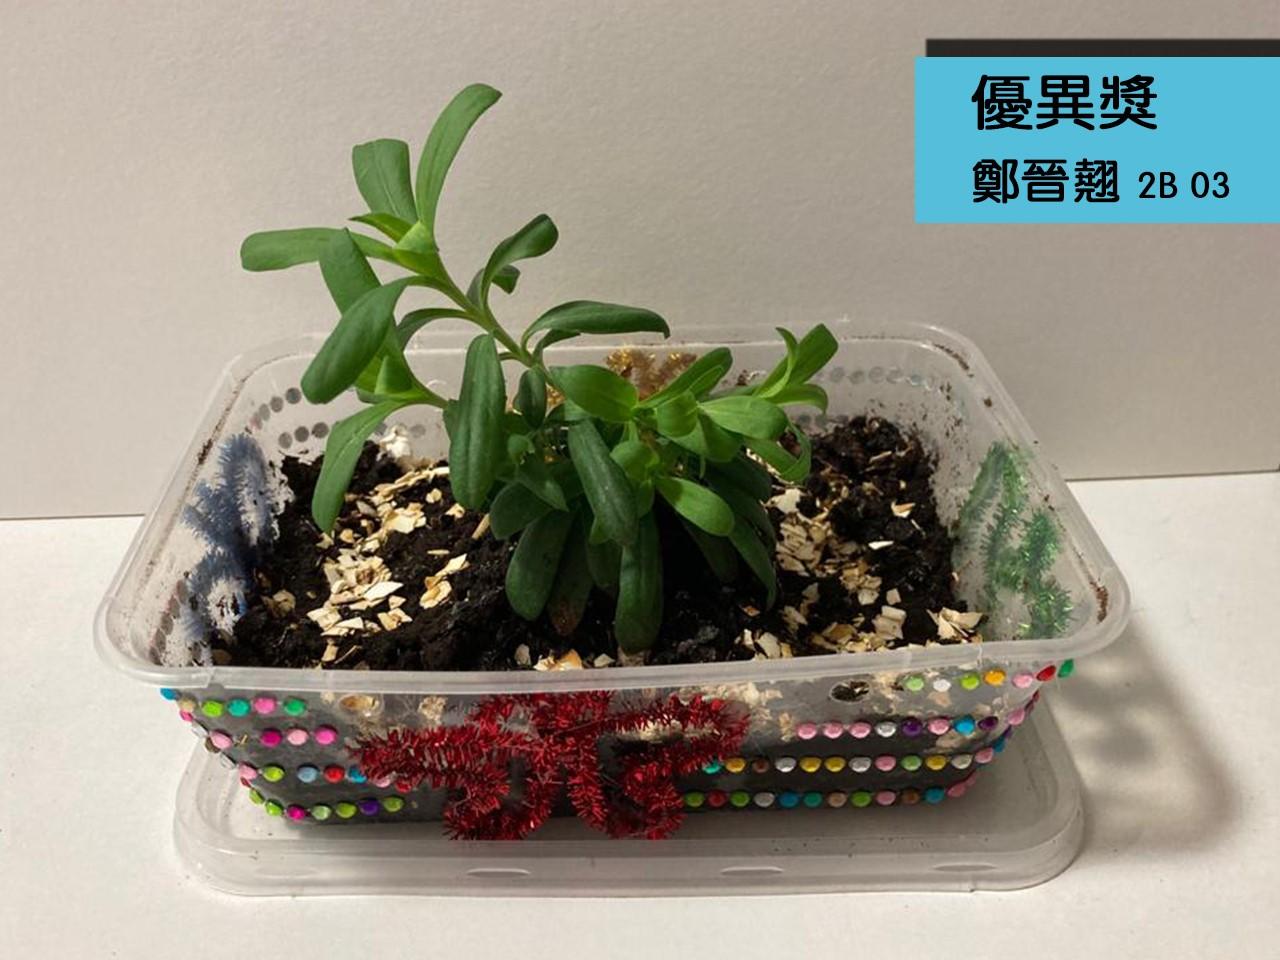 https://plkcjy.edu.hk/sites/default/files/you_yi_jiang_99_2b_03_zheng_jin_qiao_.jpg